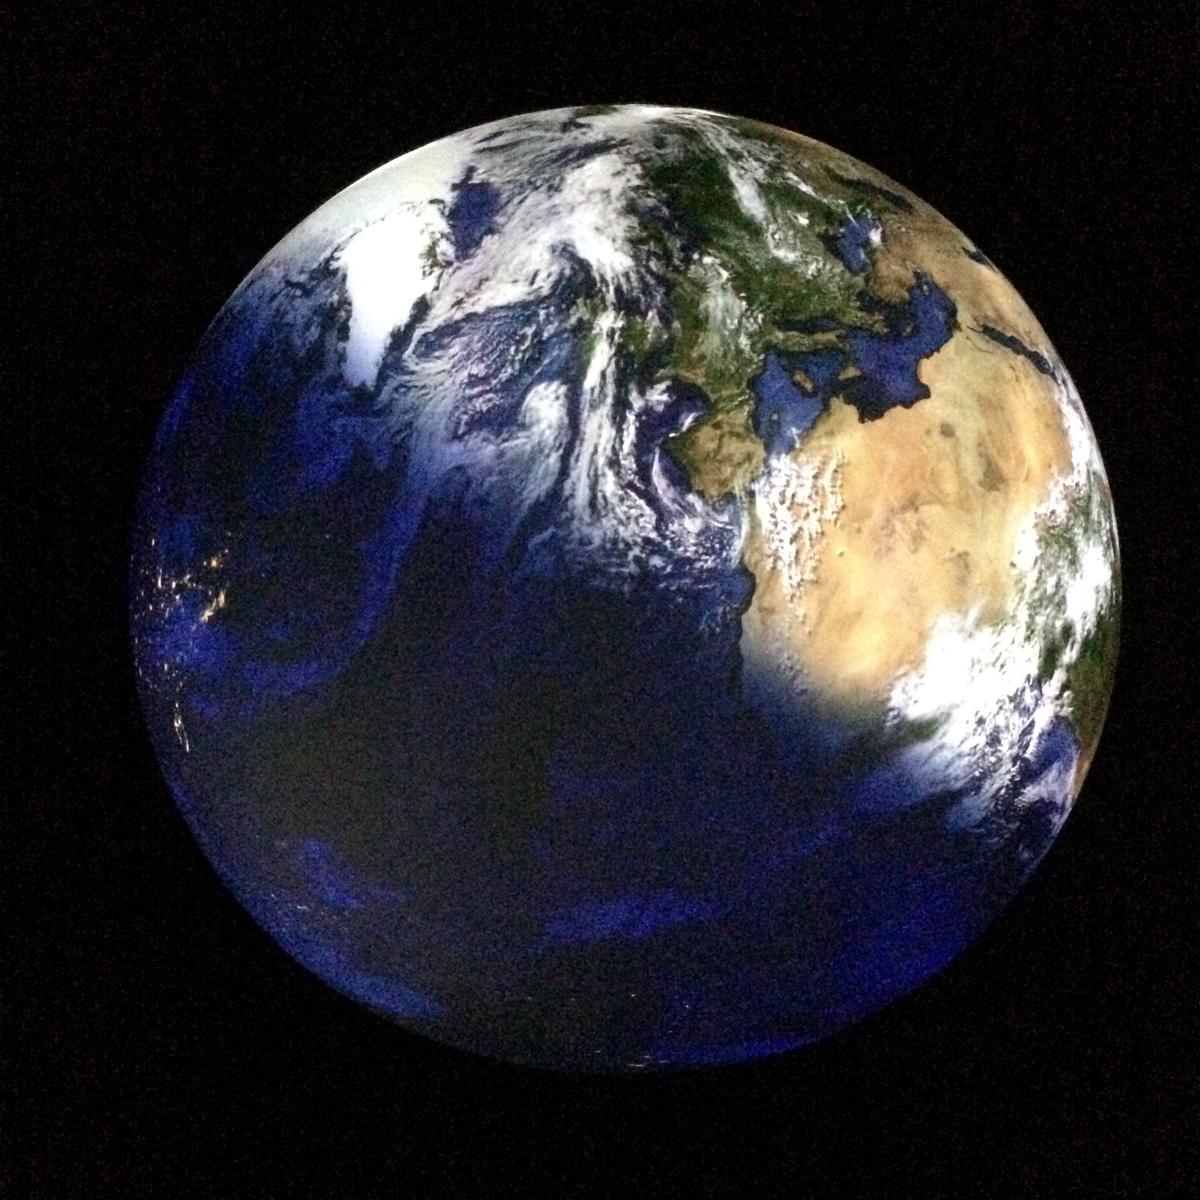 """Das Foto zeigt die beeindruckende Installation unserer Erde in der Ausstellung """"Wunder der Natur"""" im Gasometer Oberhausen."""